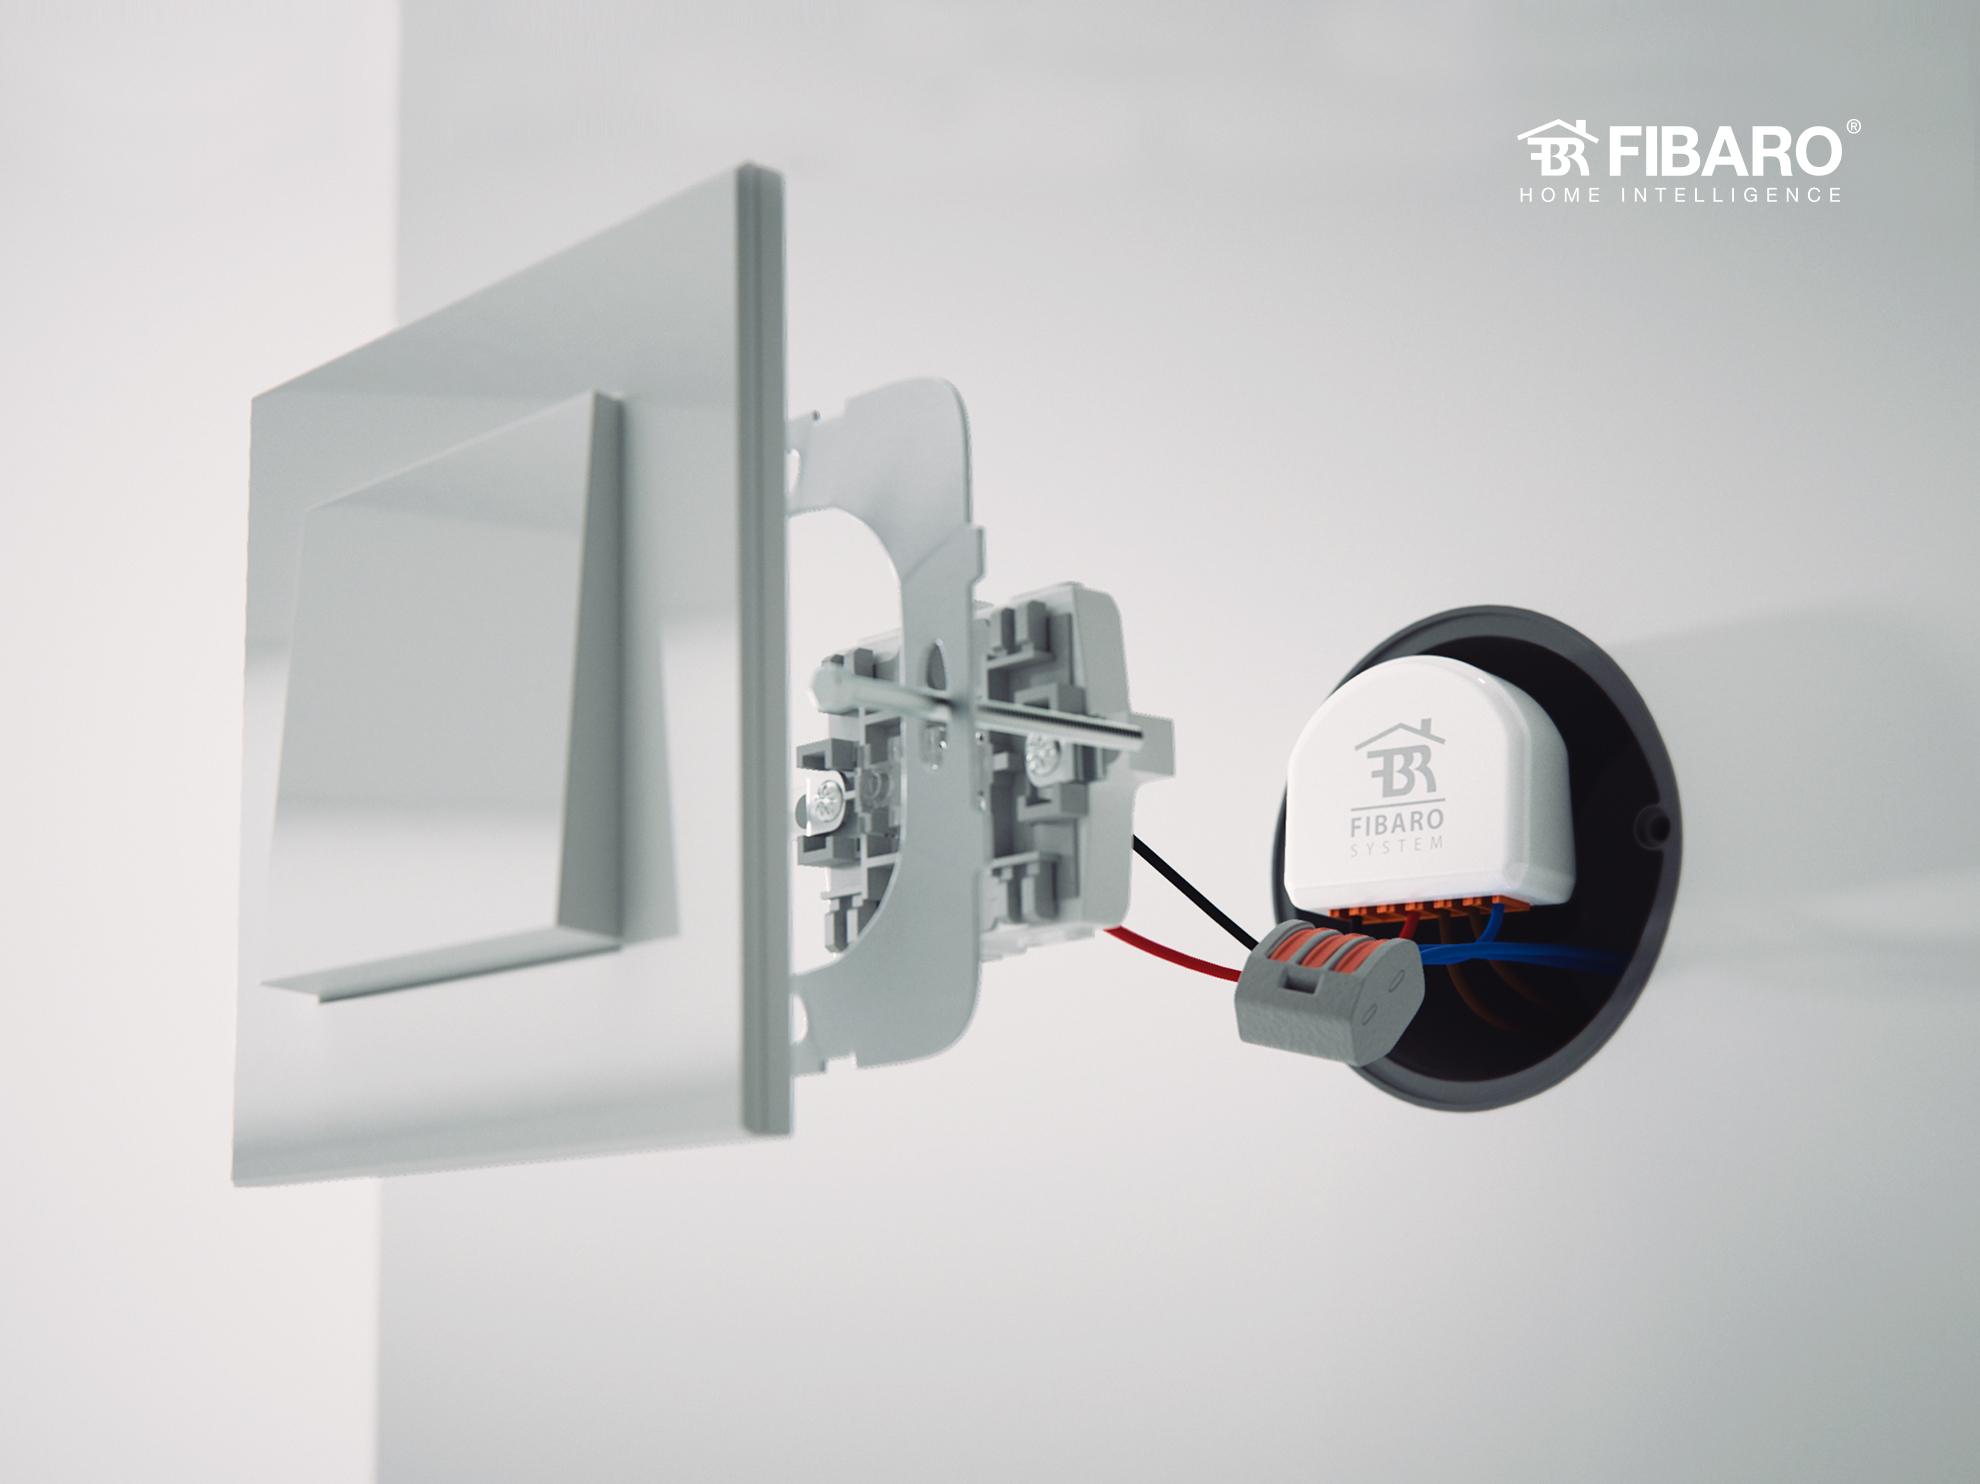 Double Switch nhà thông minh smarthome Châu Âu FIBARO